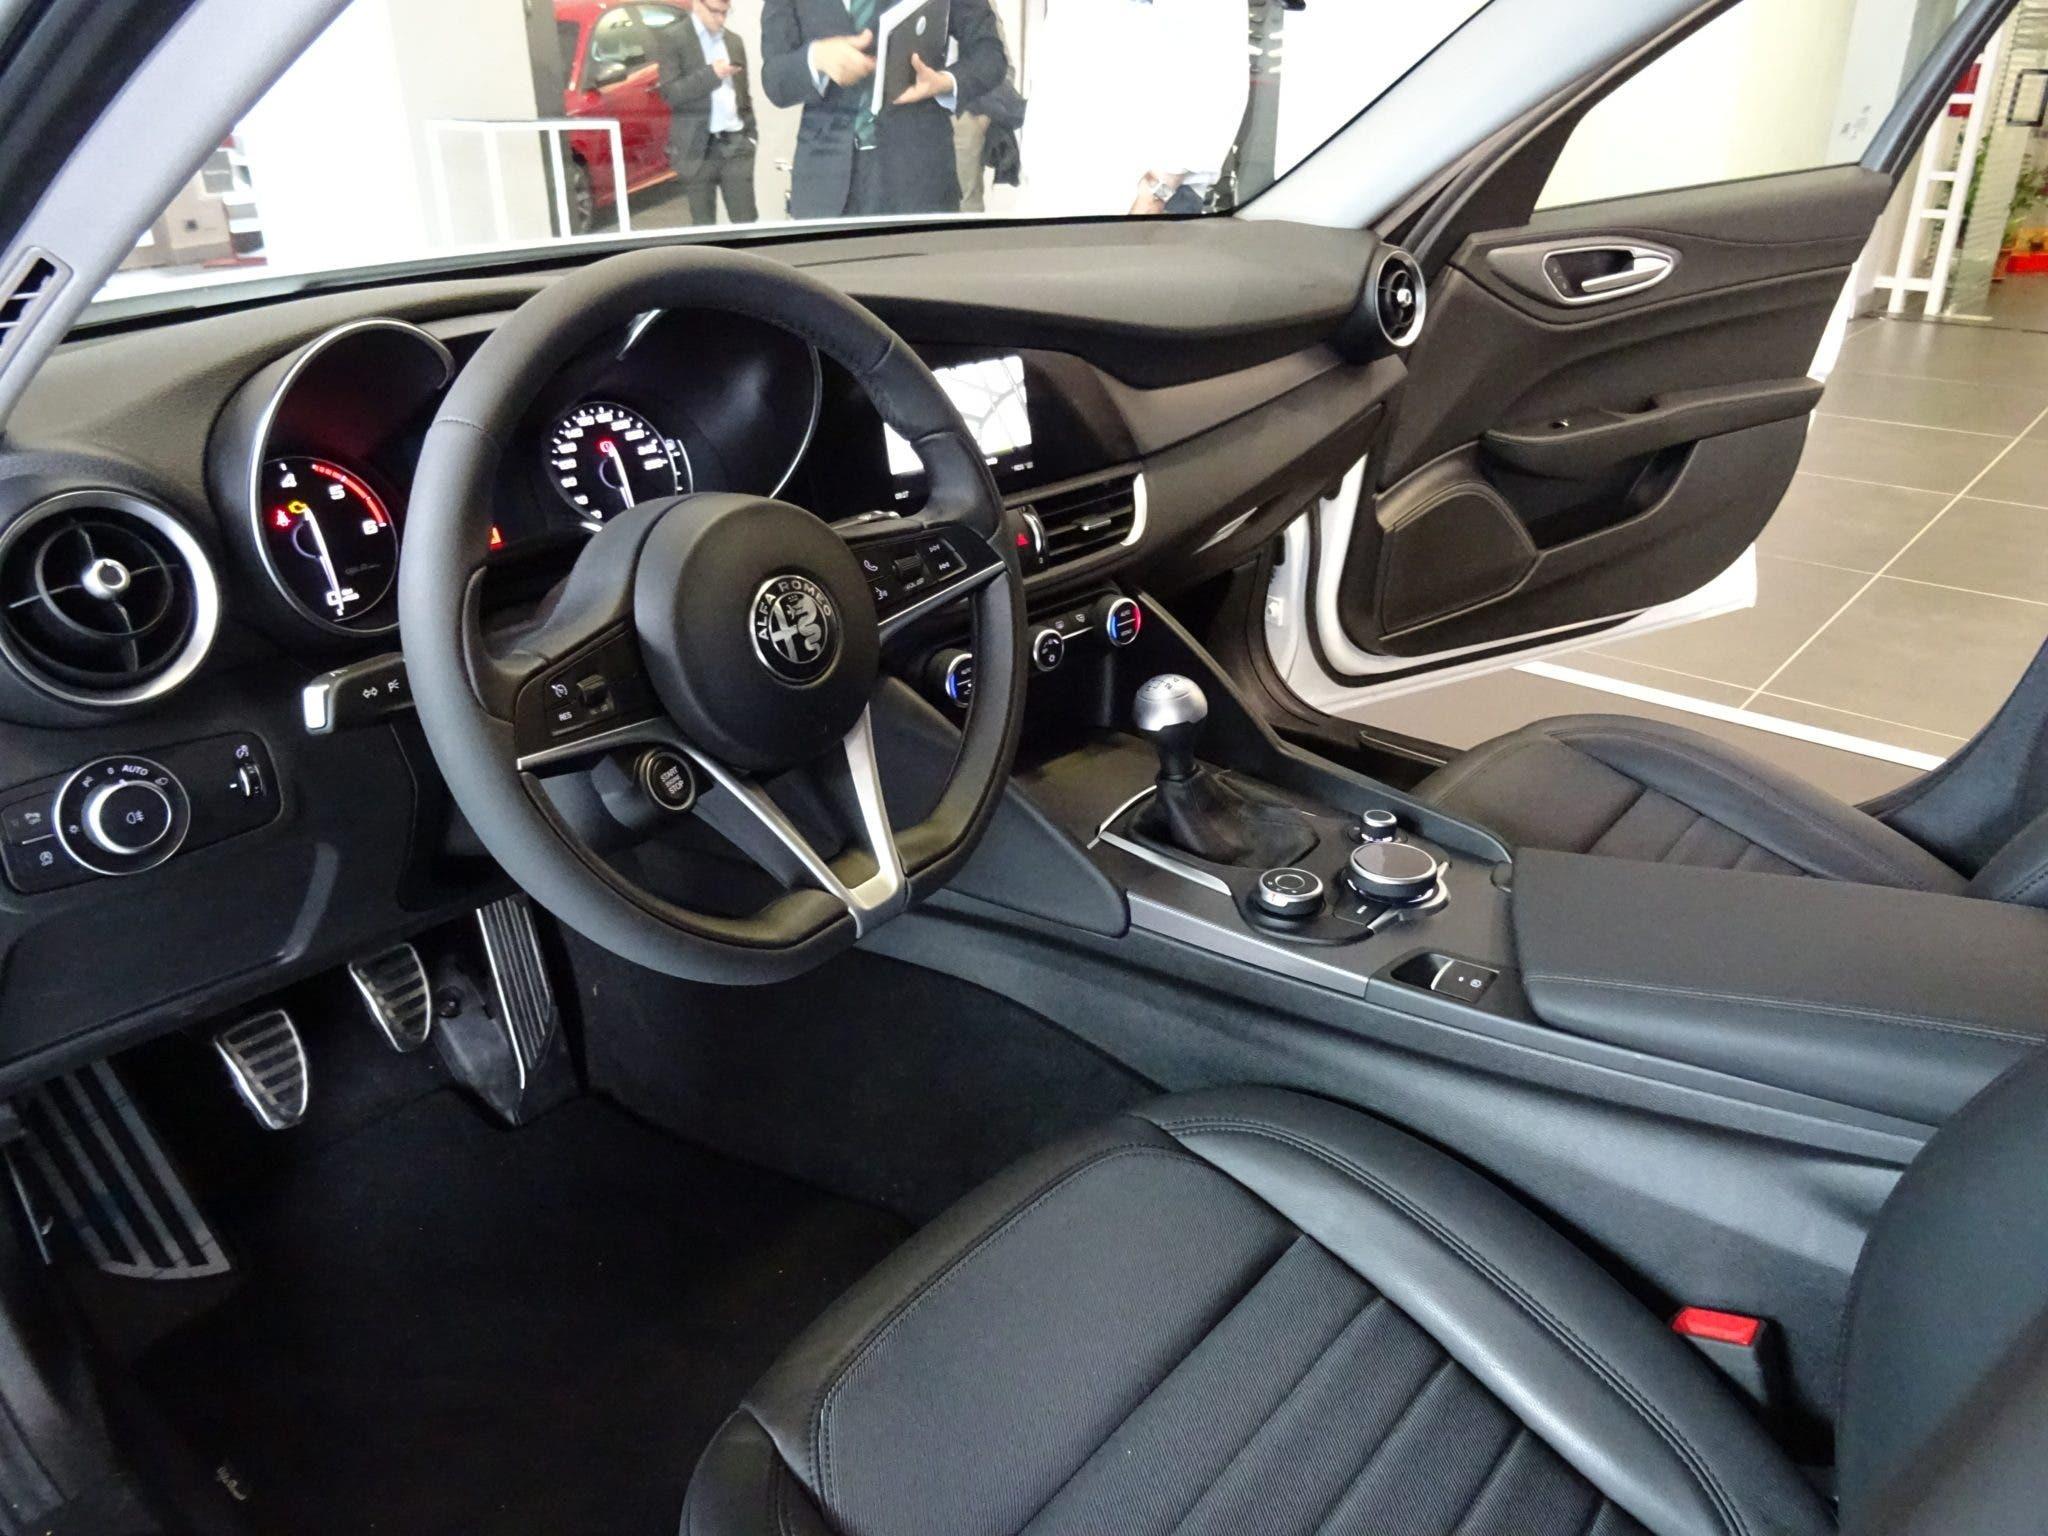 Club Alfa Romeo Giulia interni volante